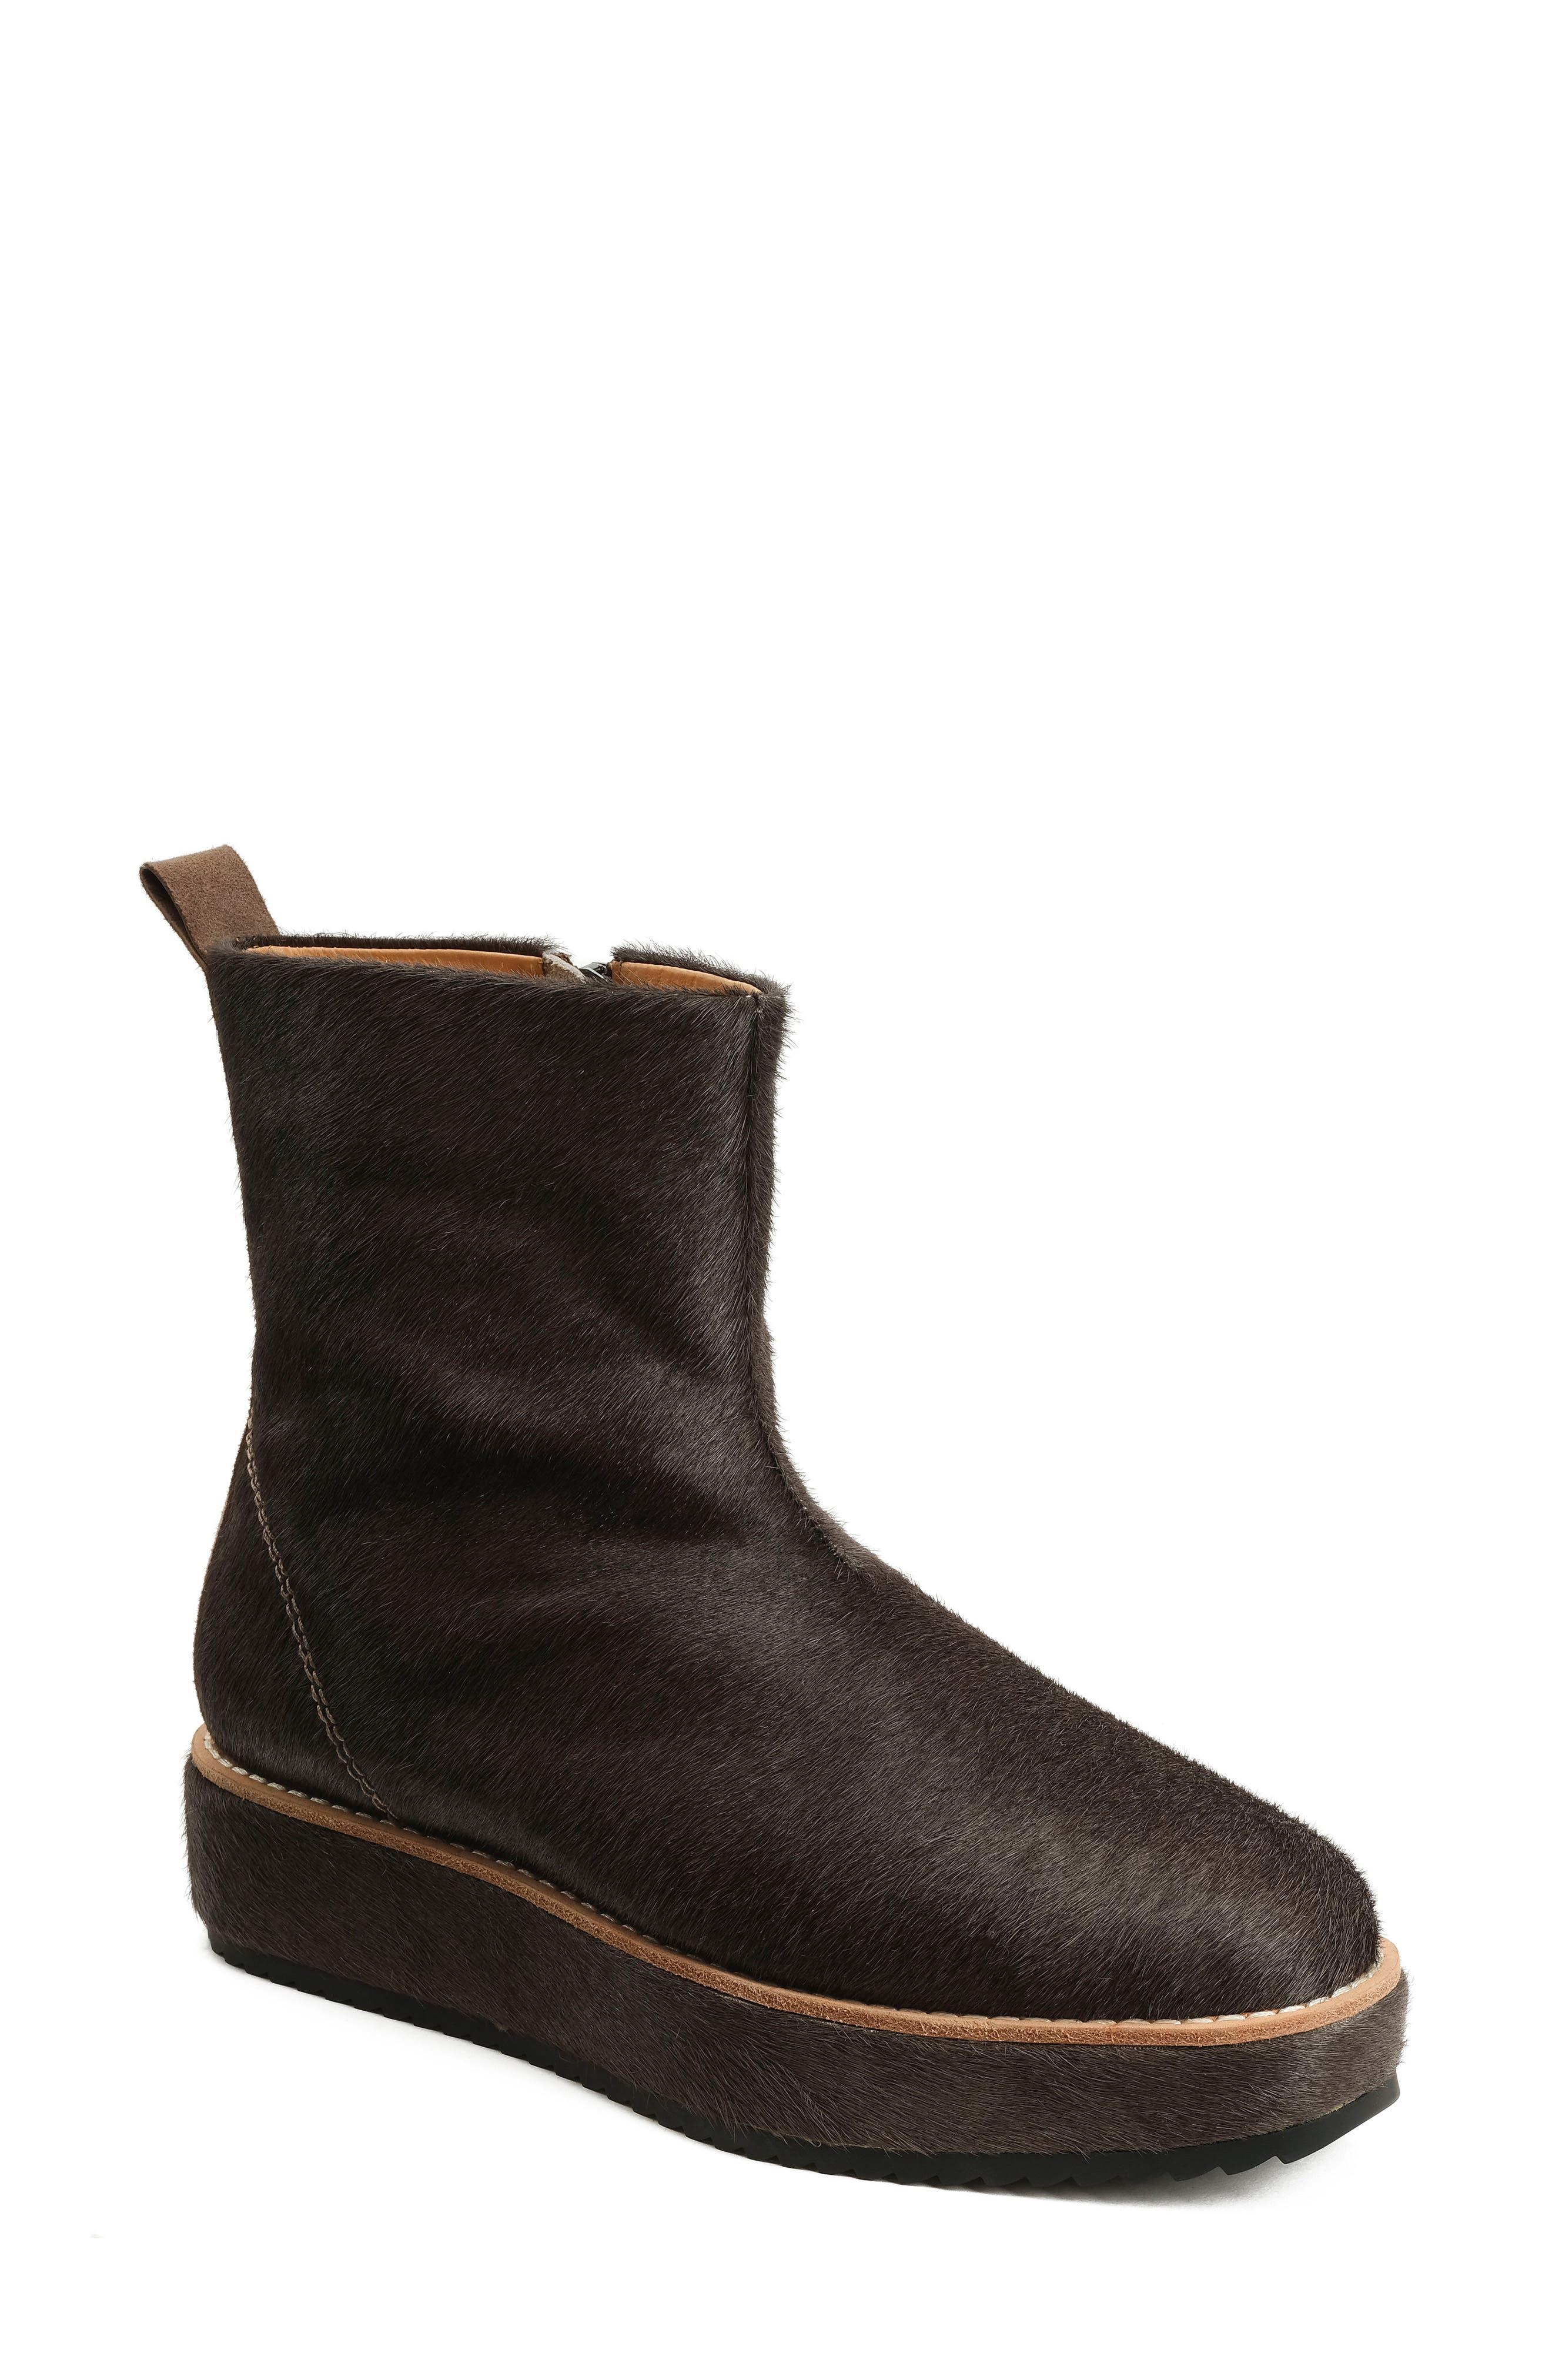 Bill Blass Penny Sutton Genuine Calf Hair Boot (Women)